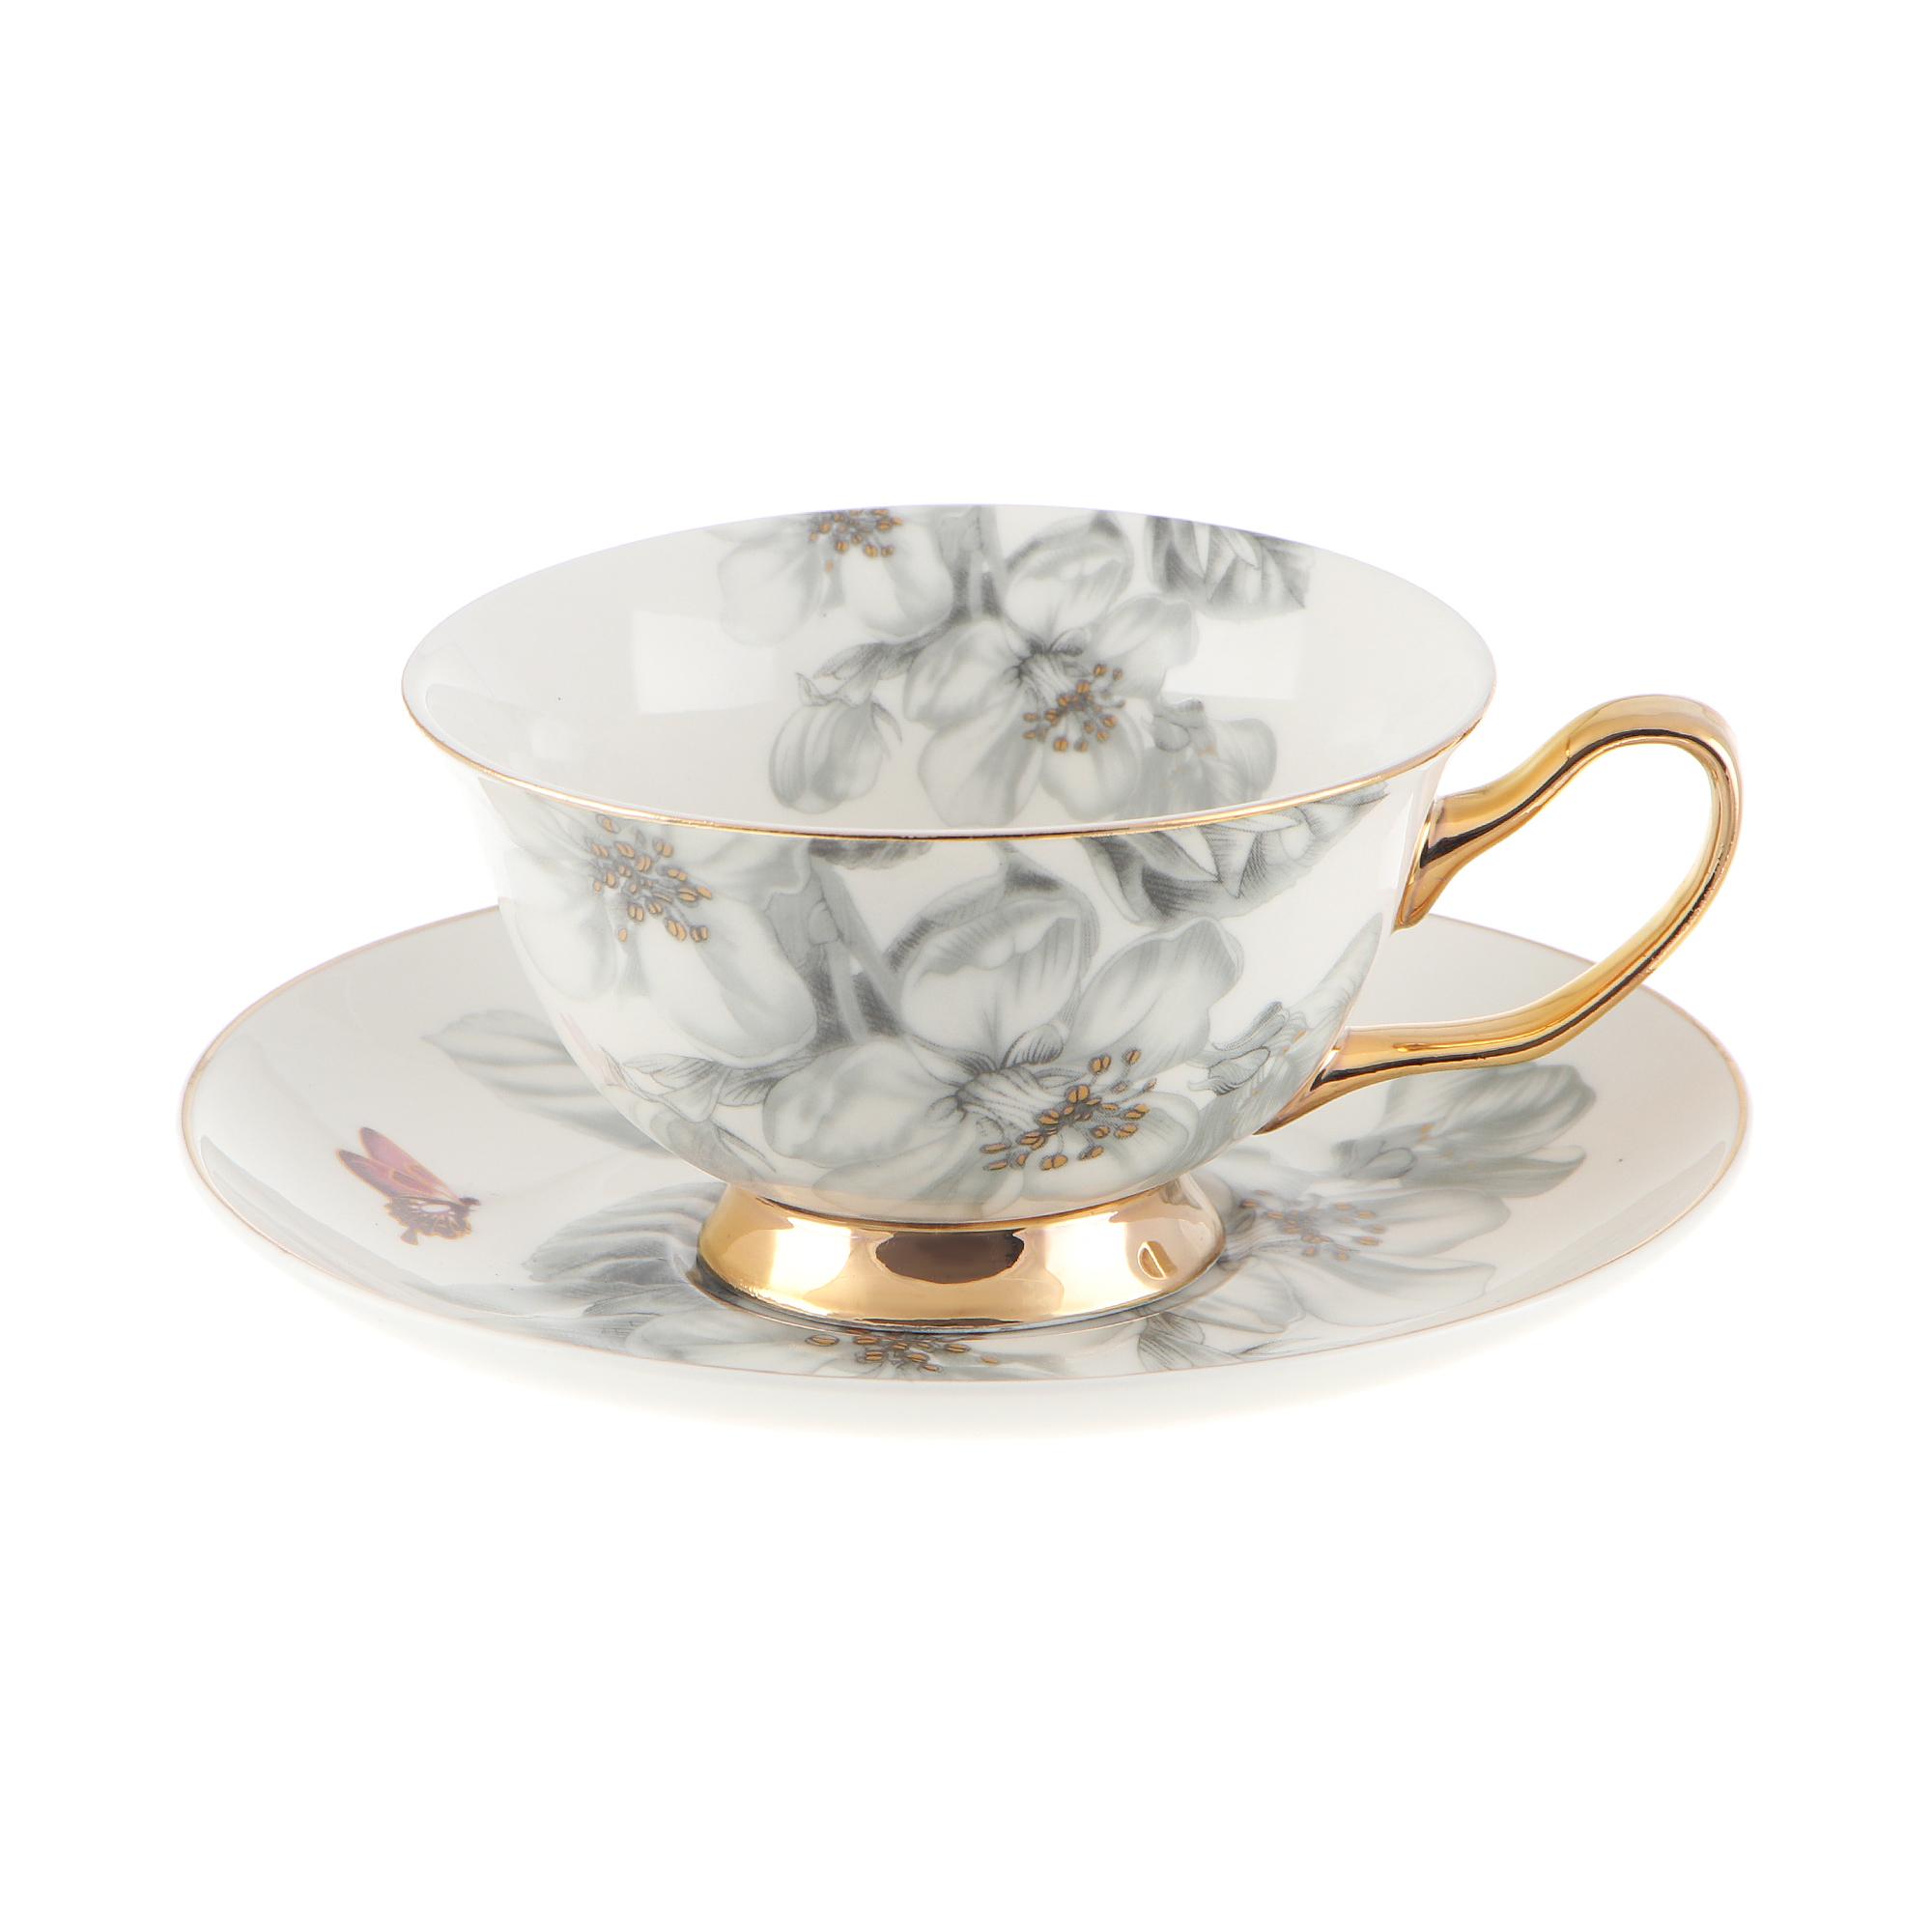 Набор чайных пар Lianfeng Венера 200 мл 6 шт набор чайных пар 200 мл 6 шт bernadotte набор чайных пар 200 мл 6 шт